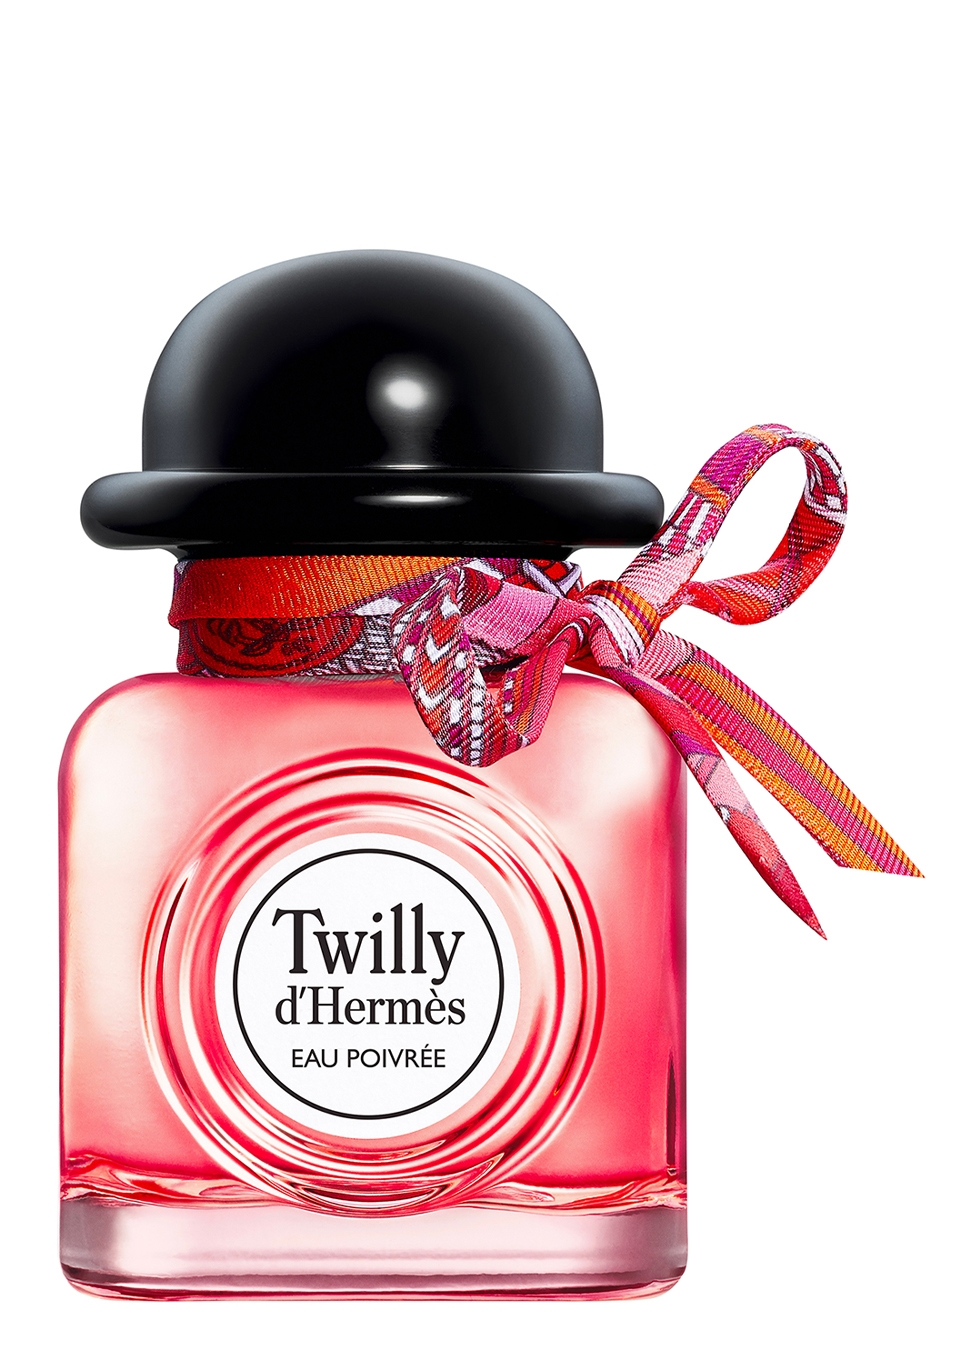 Twilly d'Hermès Eau Poivrée Eau De Parfum 50ml